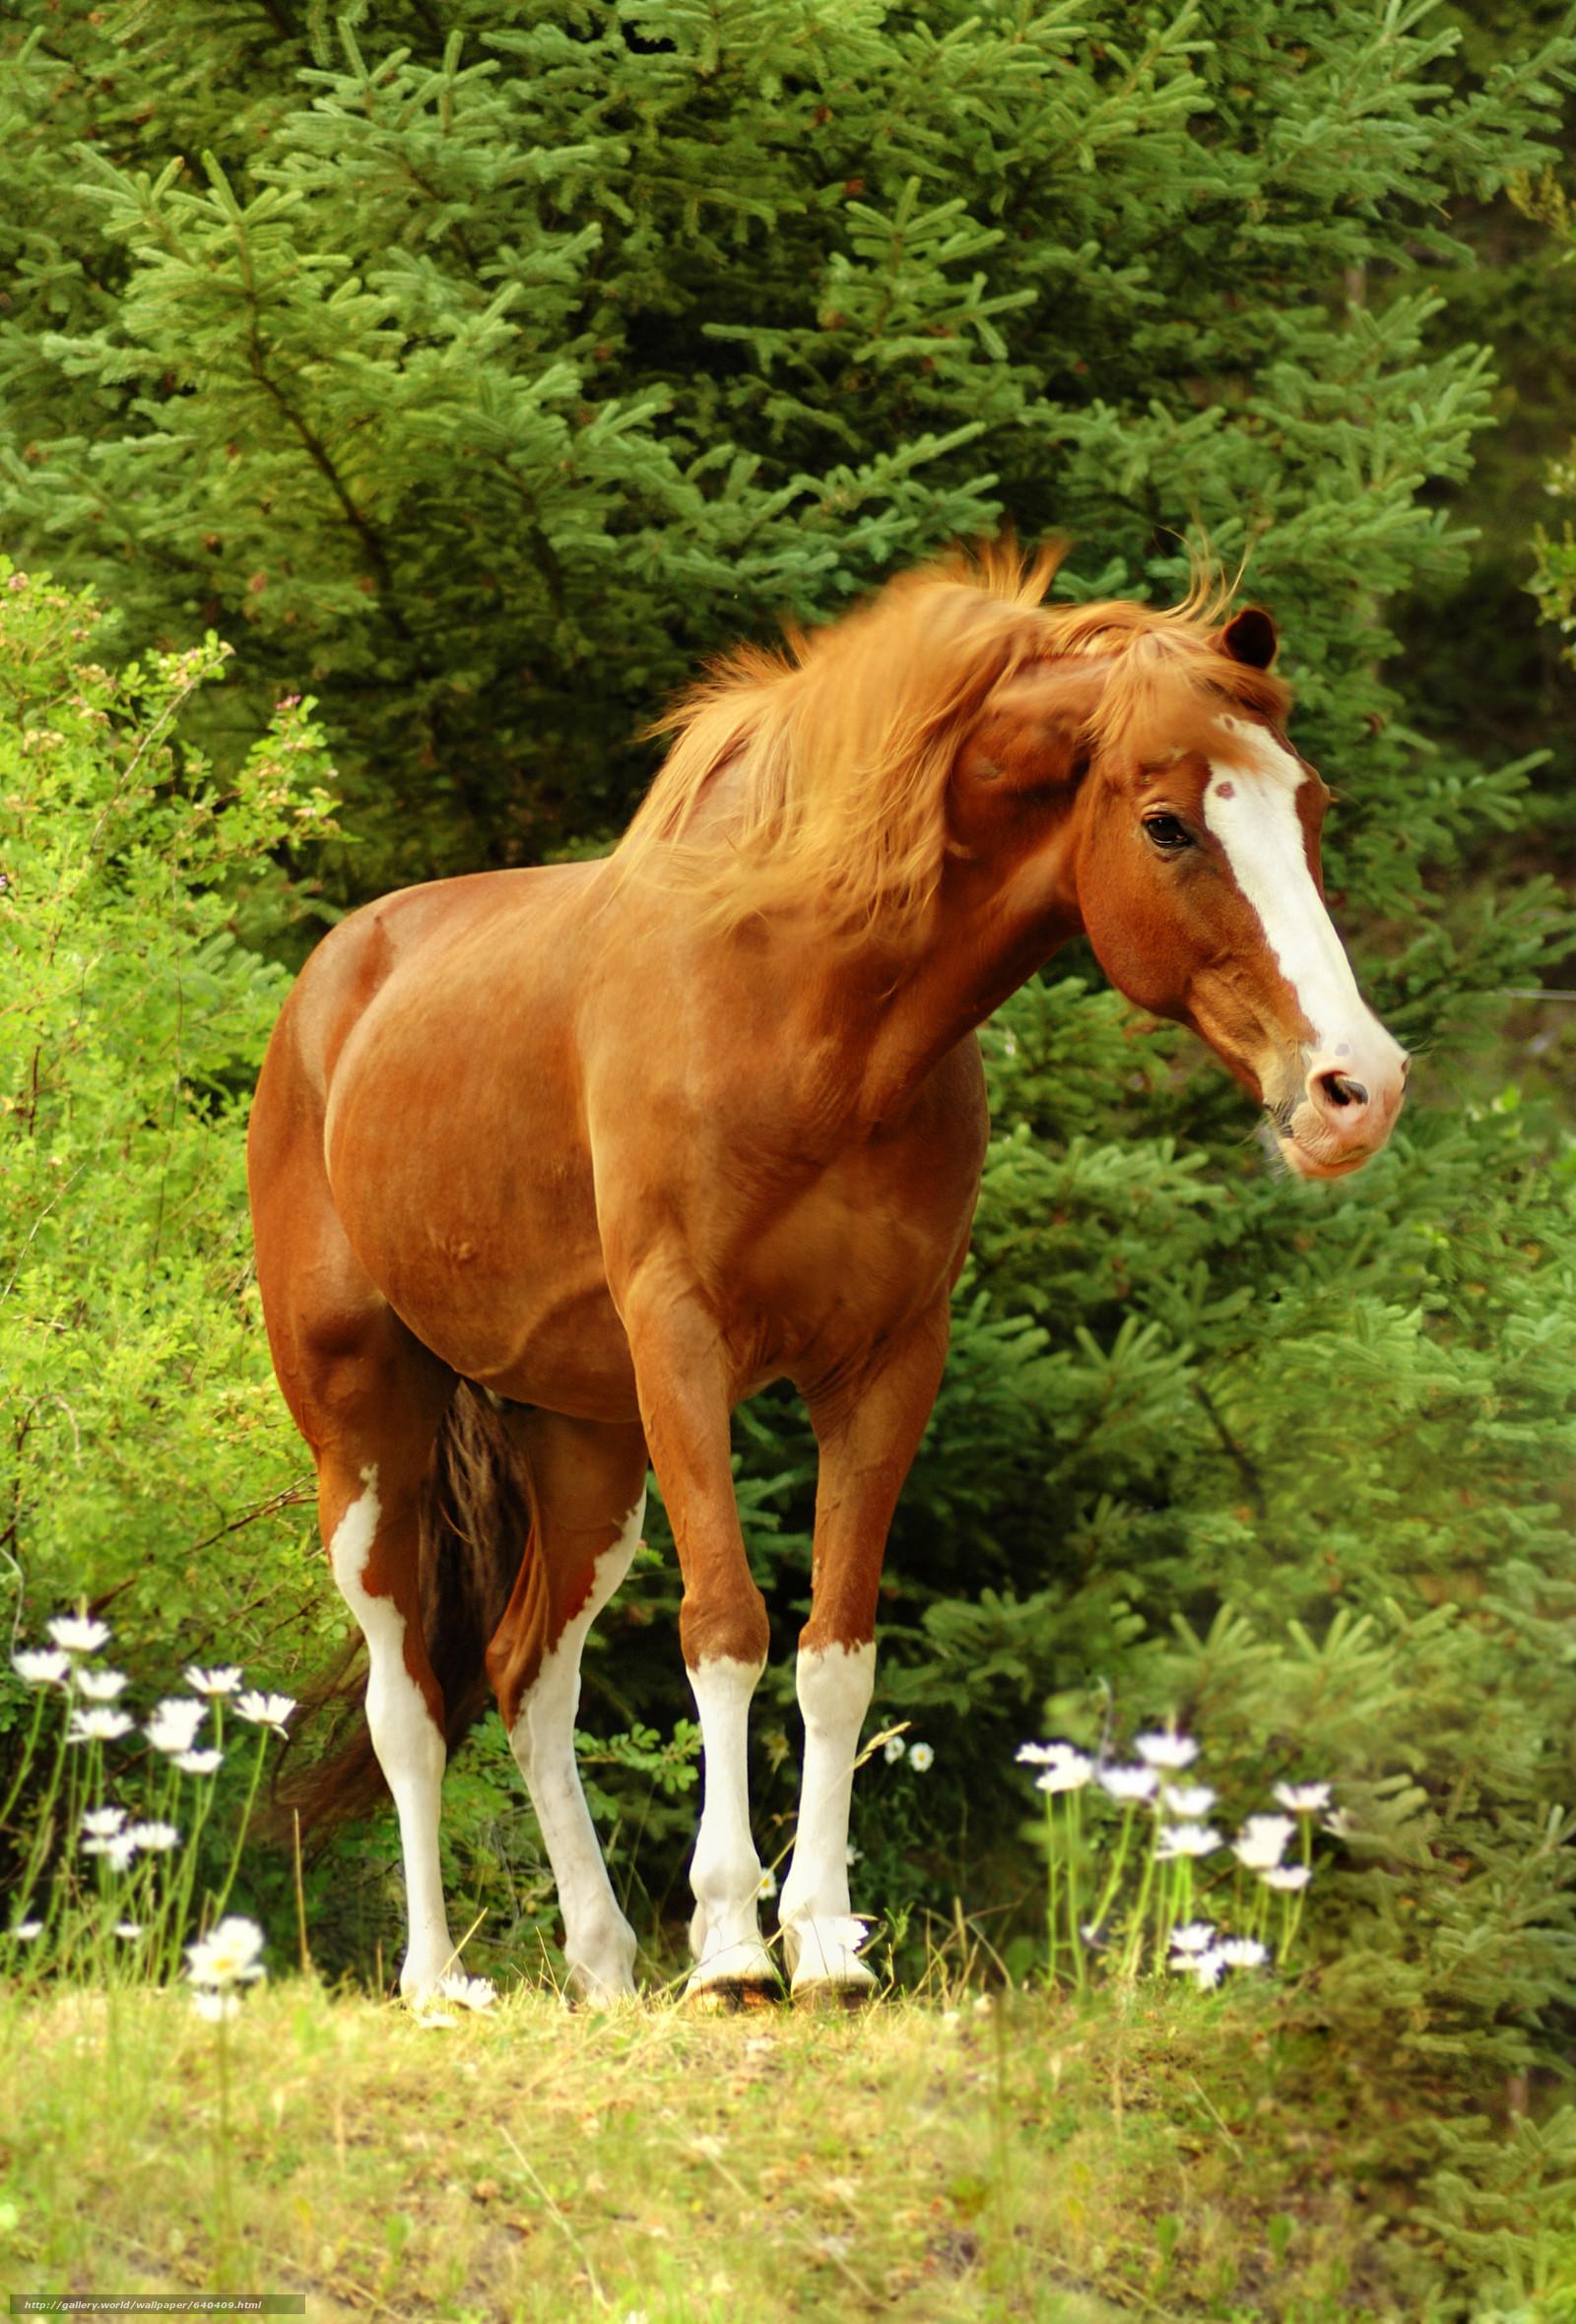 Sfondi cavalli 54 immagini for Sfondi cavalli gratis